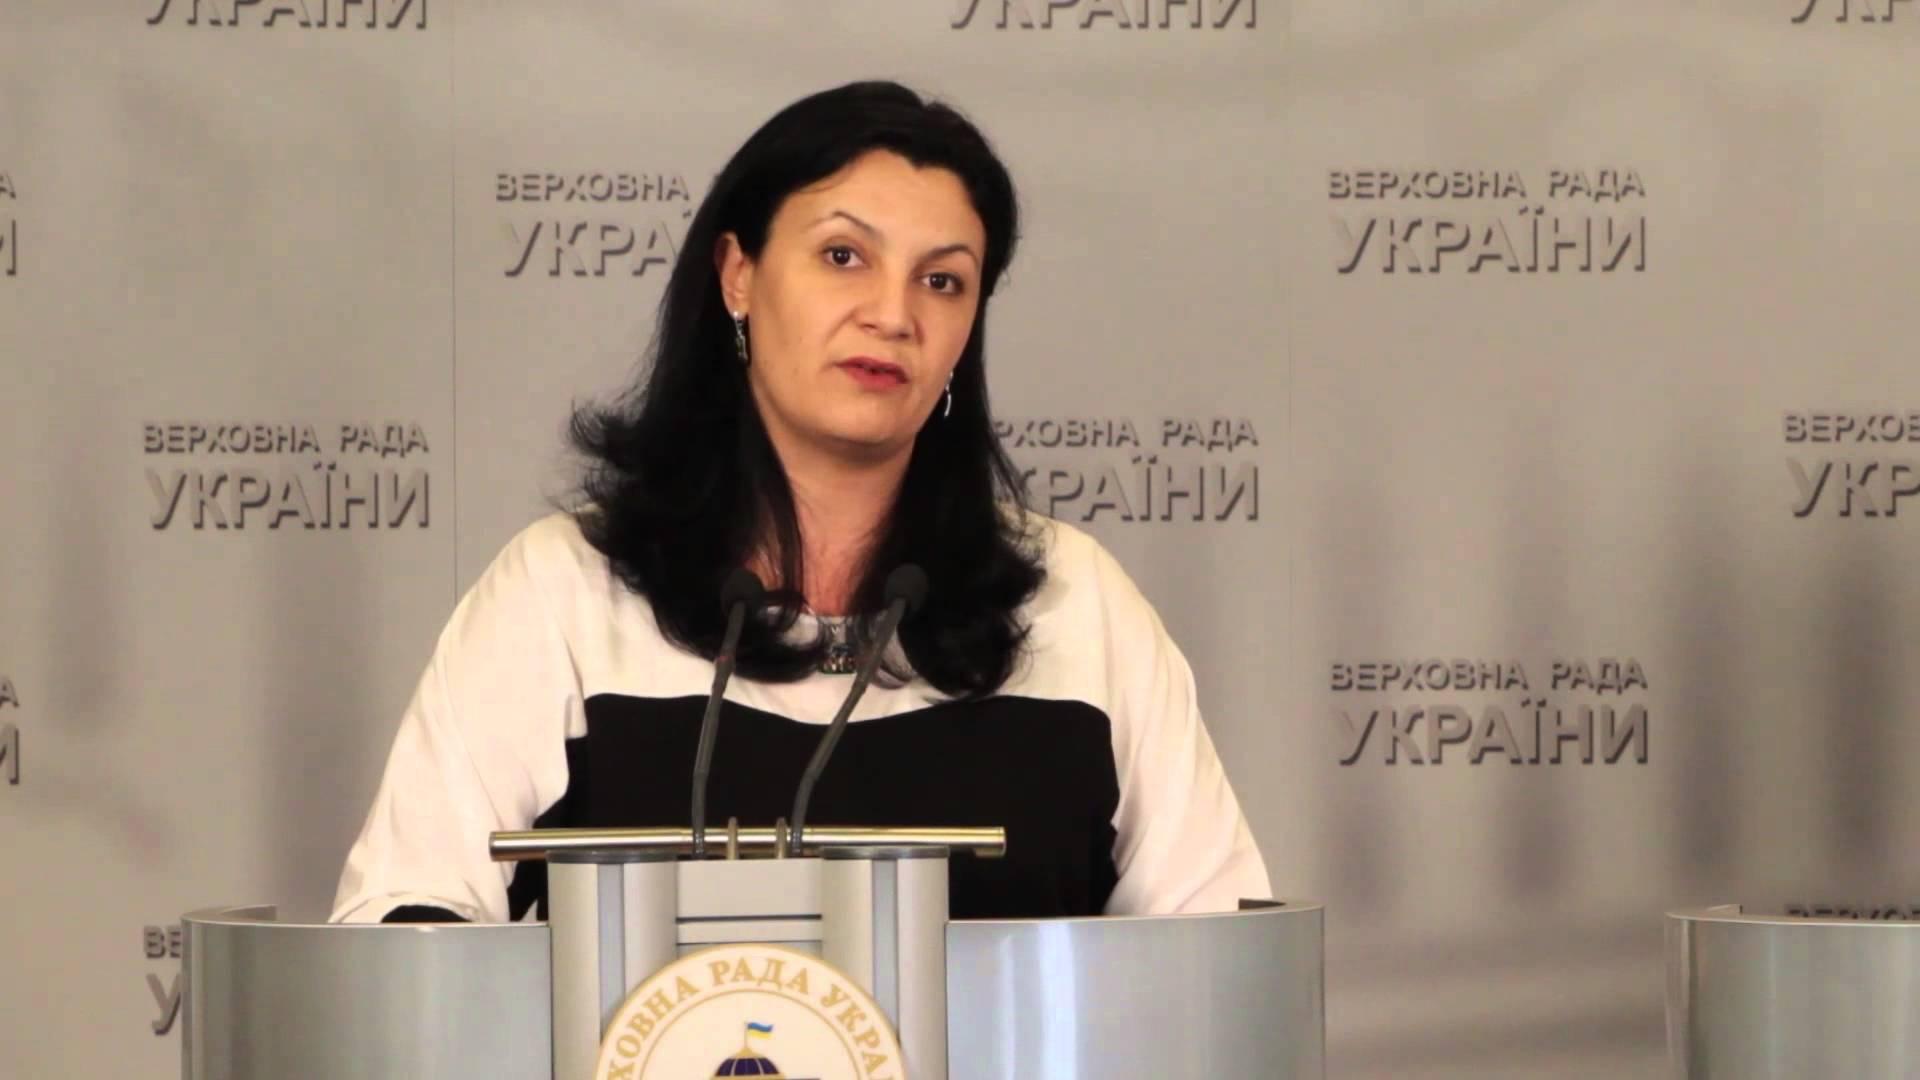 ЕС принял решение порадовать украинских аграриев